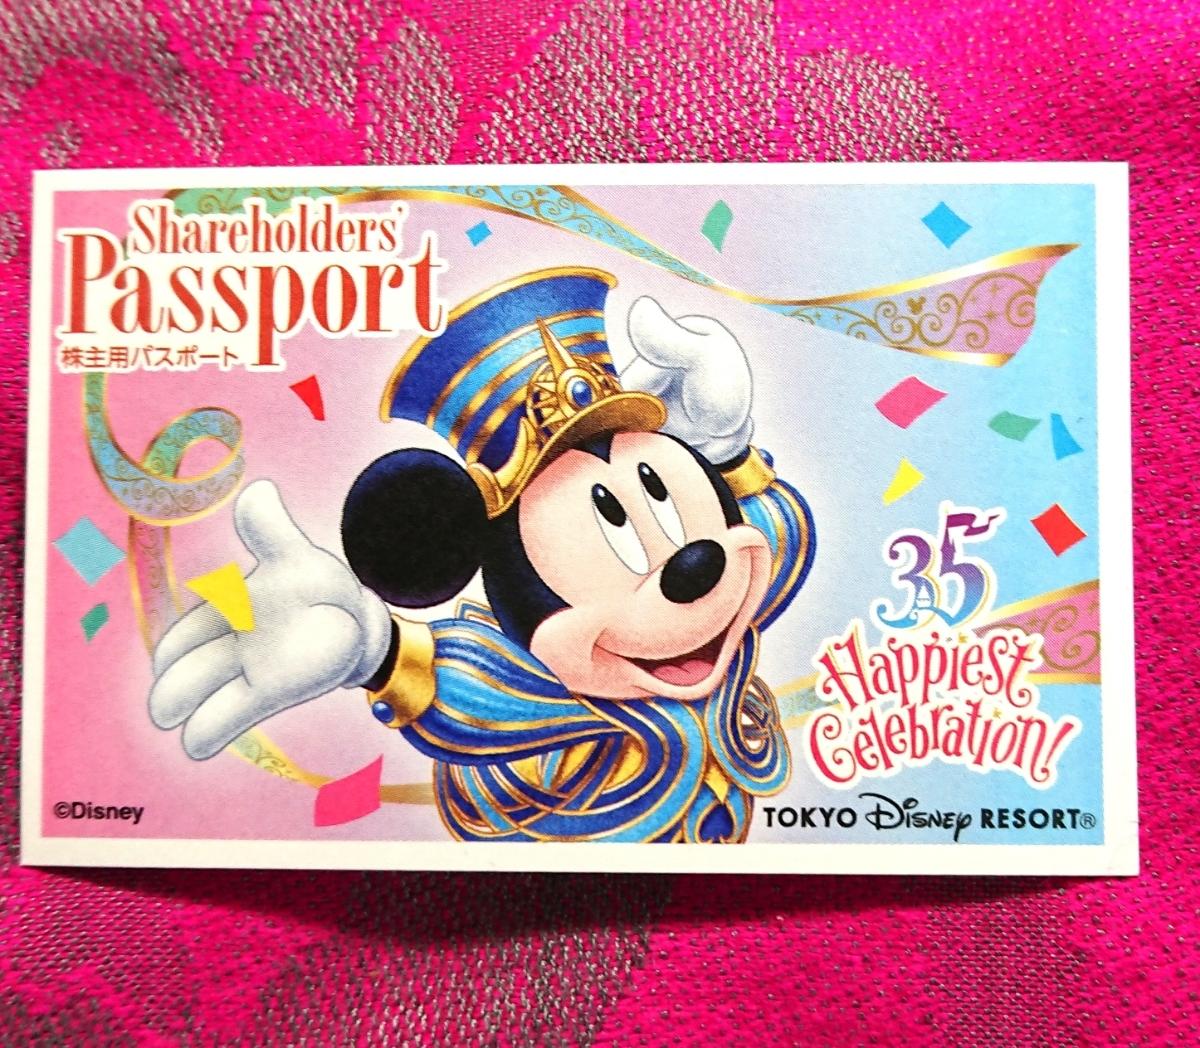 ◆送料込◆ 東京ディズニーランド 東京ディズニーシー パスポート 株主優待券